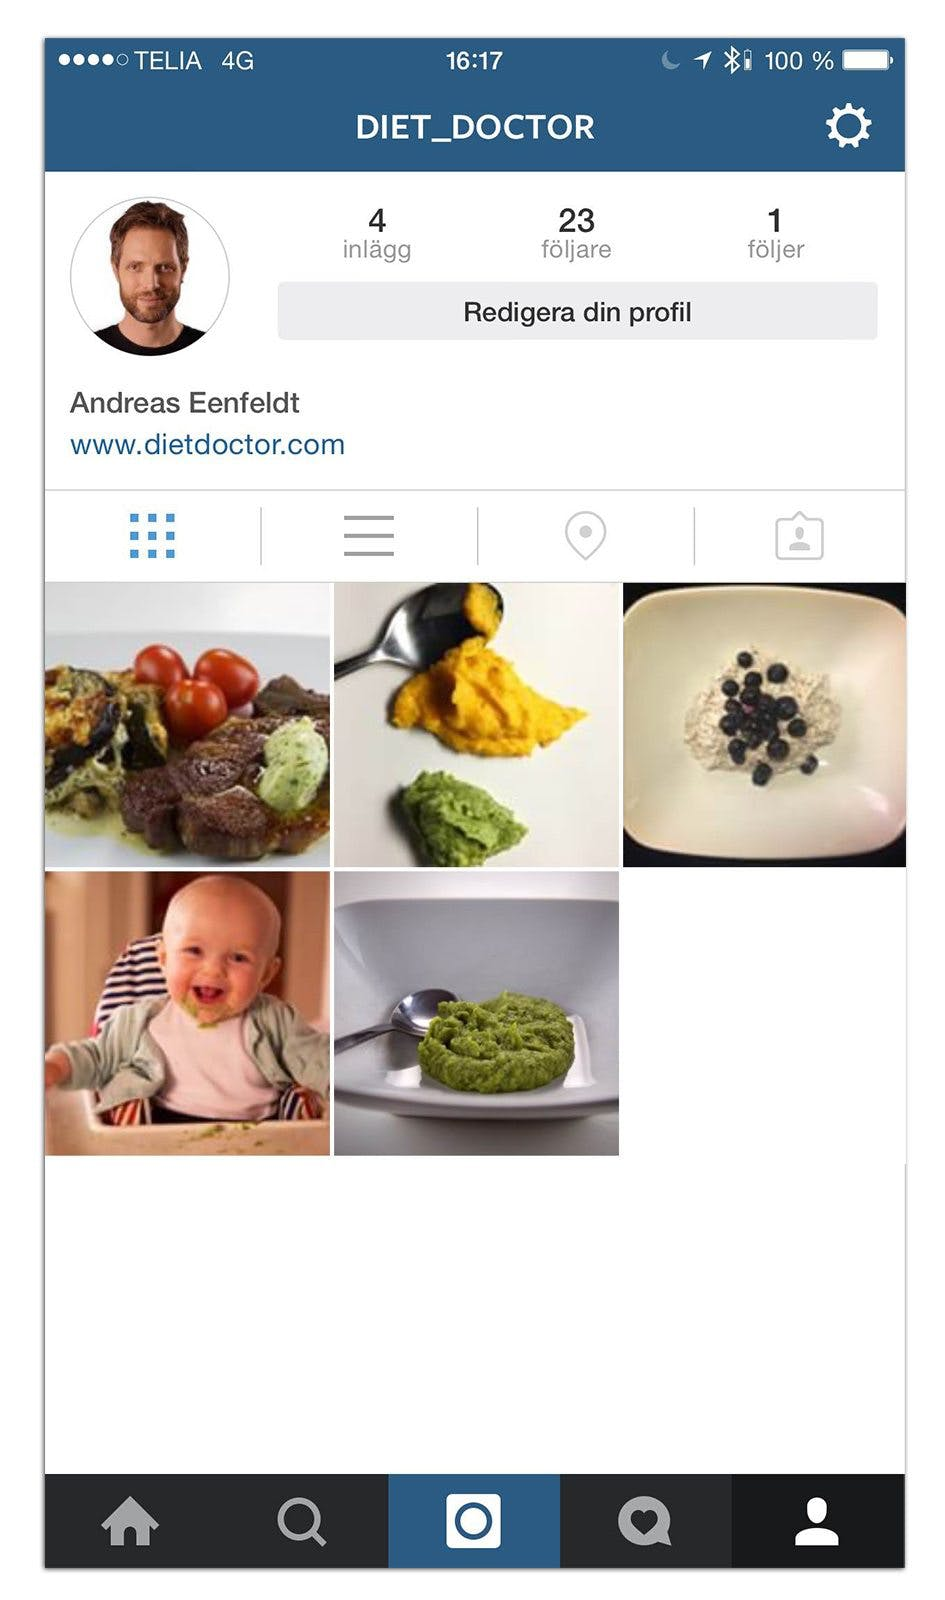 Diet Doctor Instagram